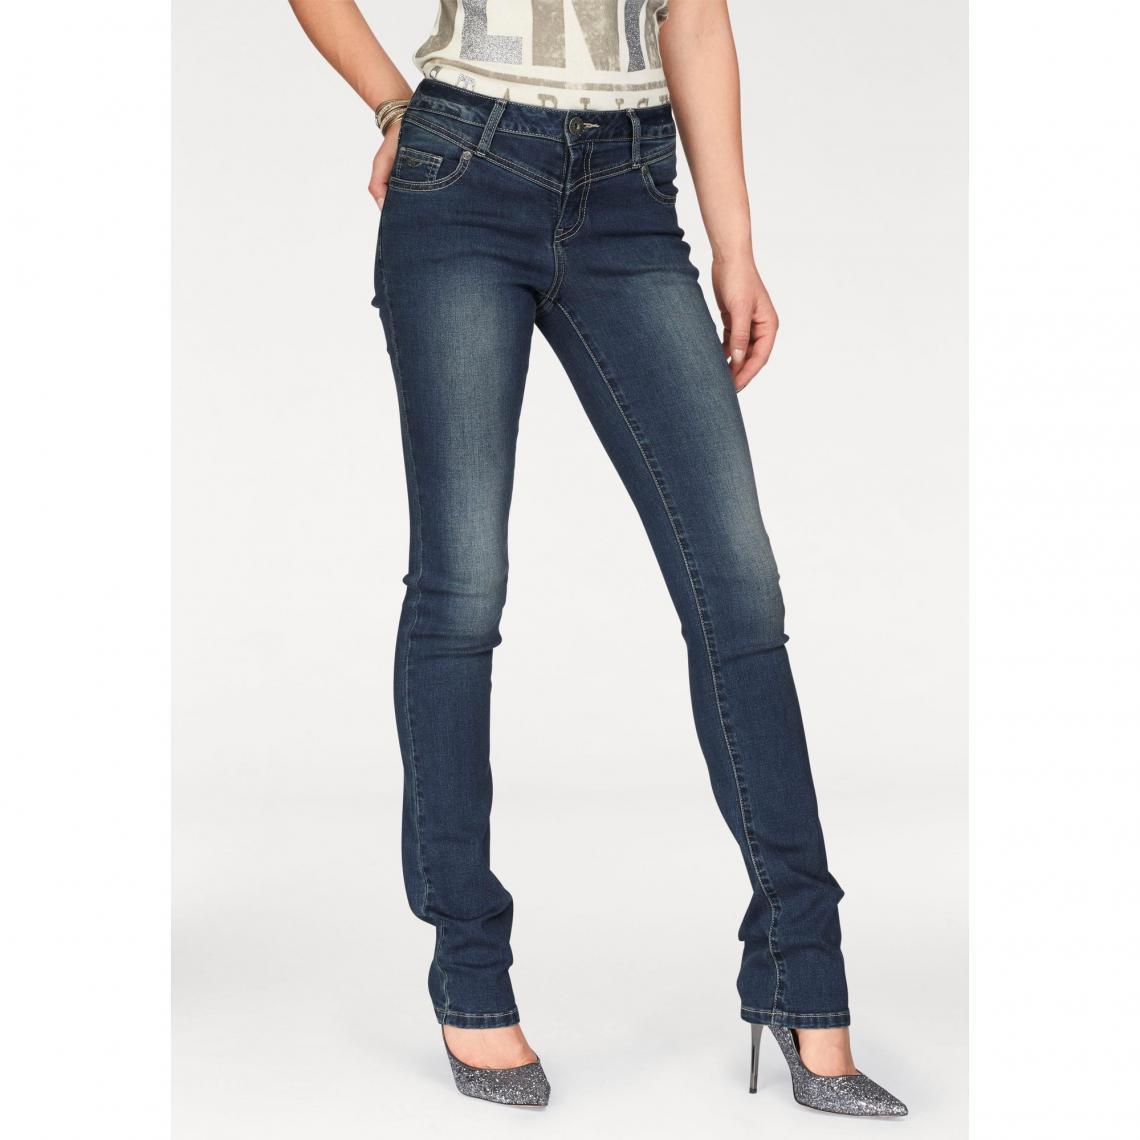 9eb653a7ef60d Jean droit femme Arizona - Bleu Foncé Used Arizona Femme